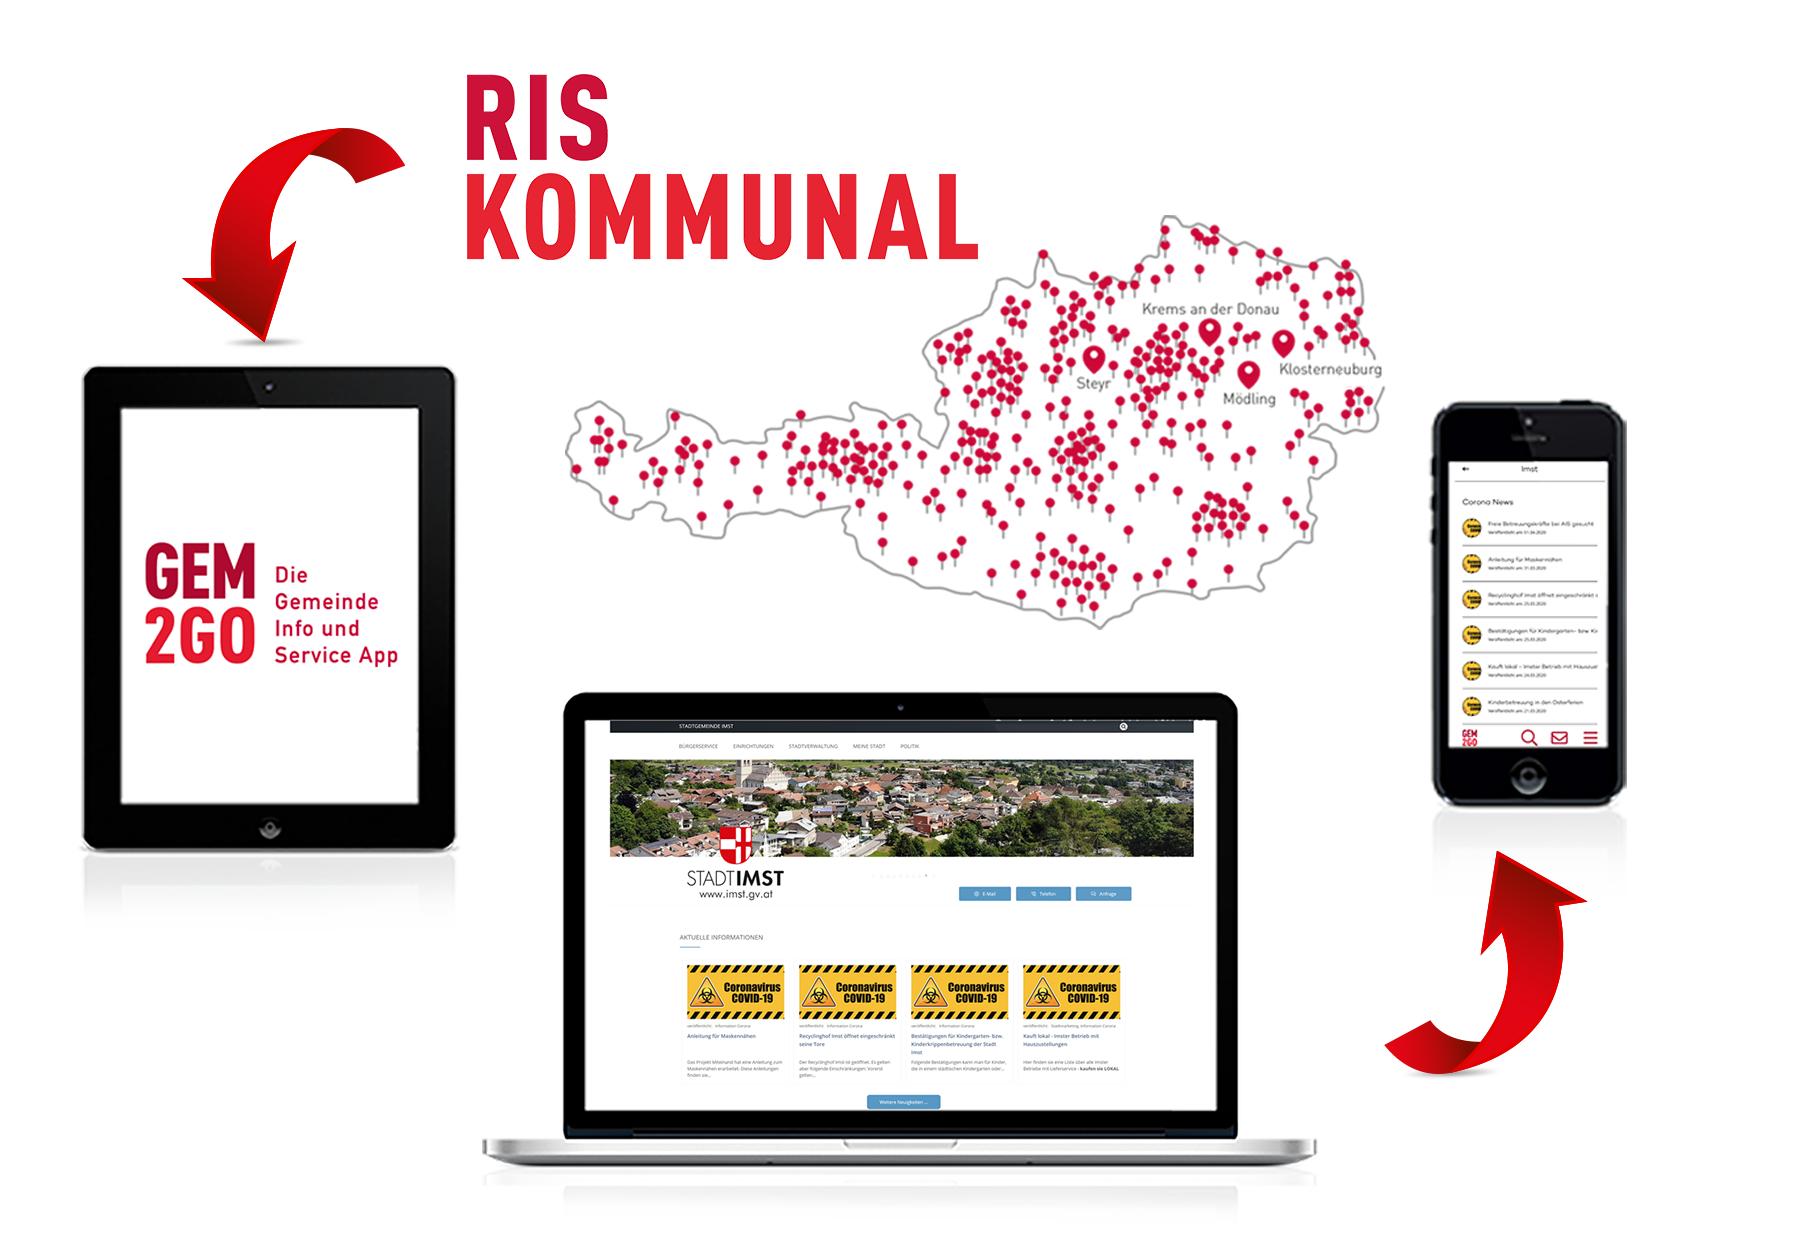 RIS Kommunal